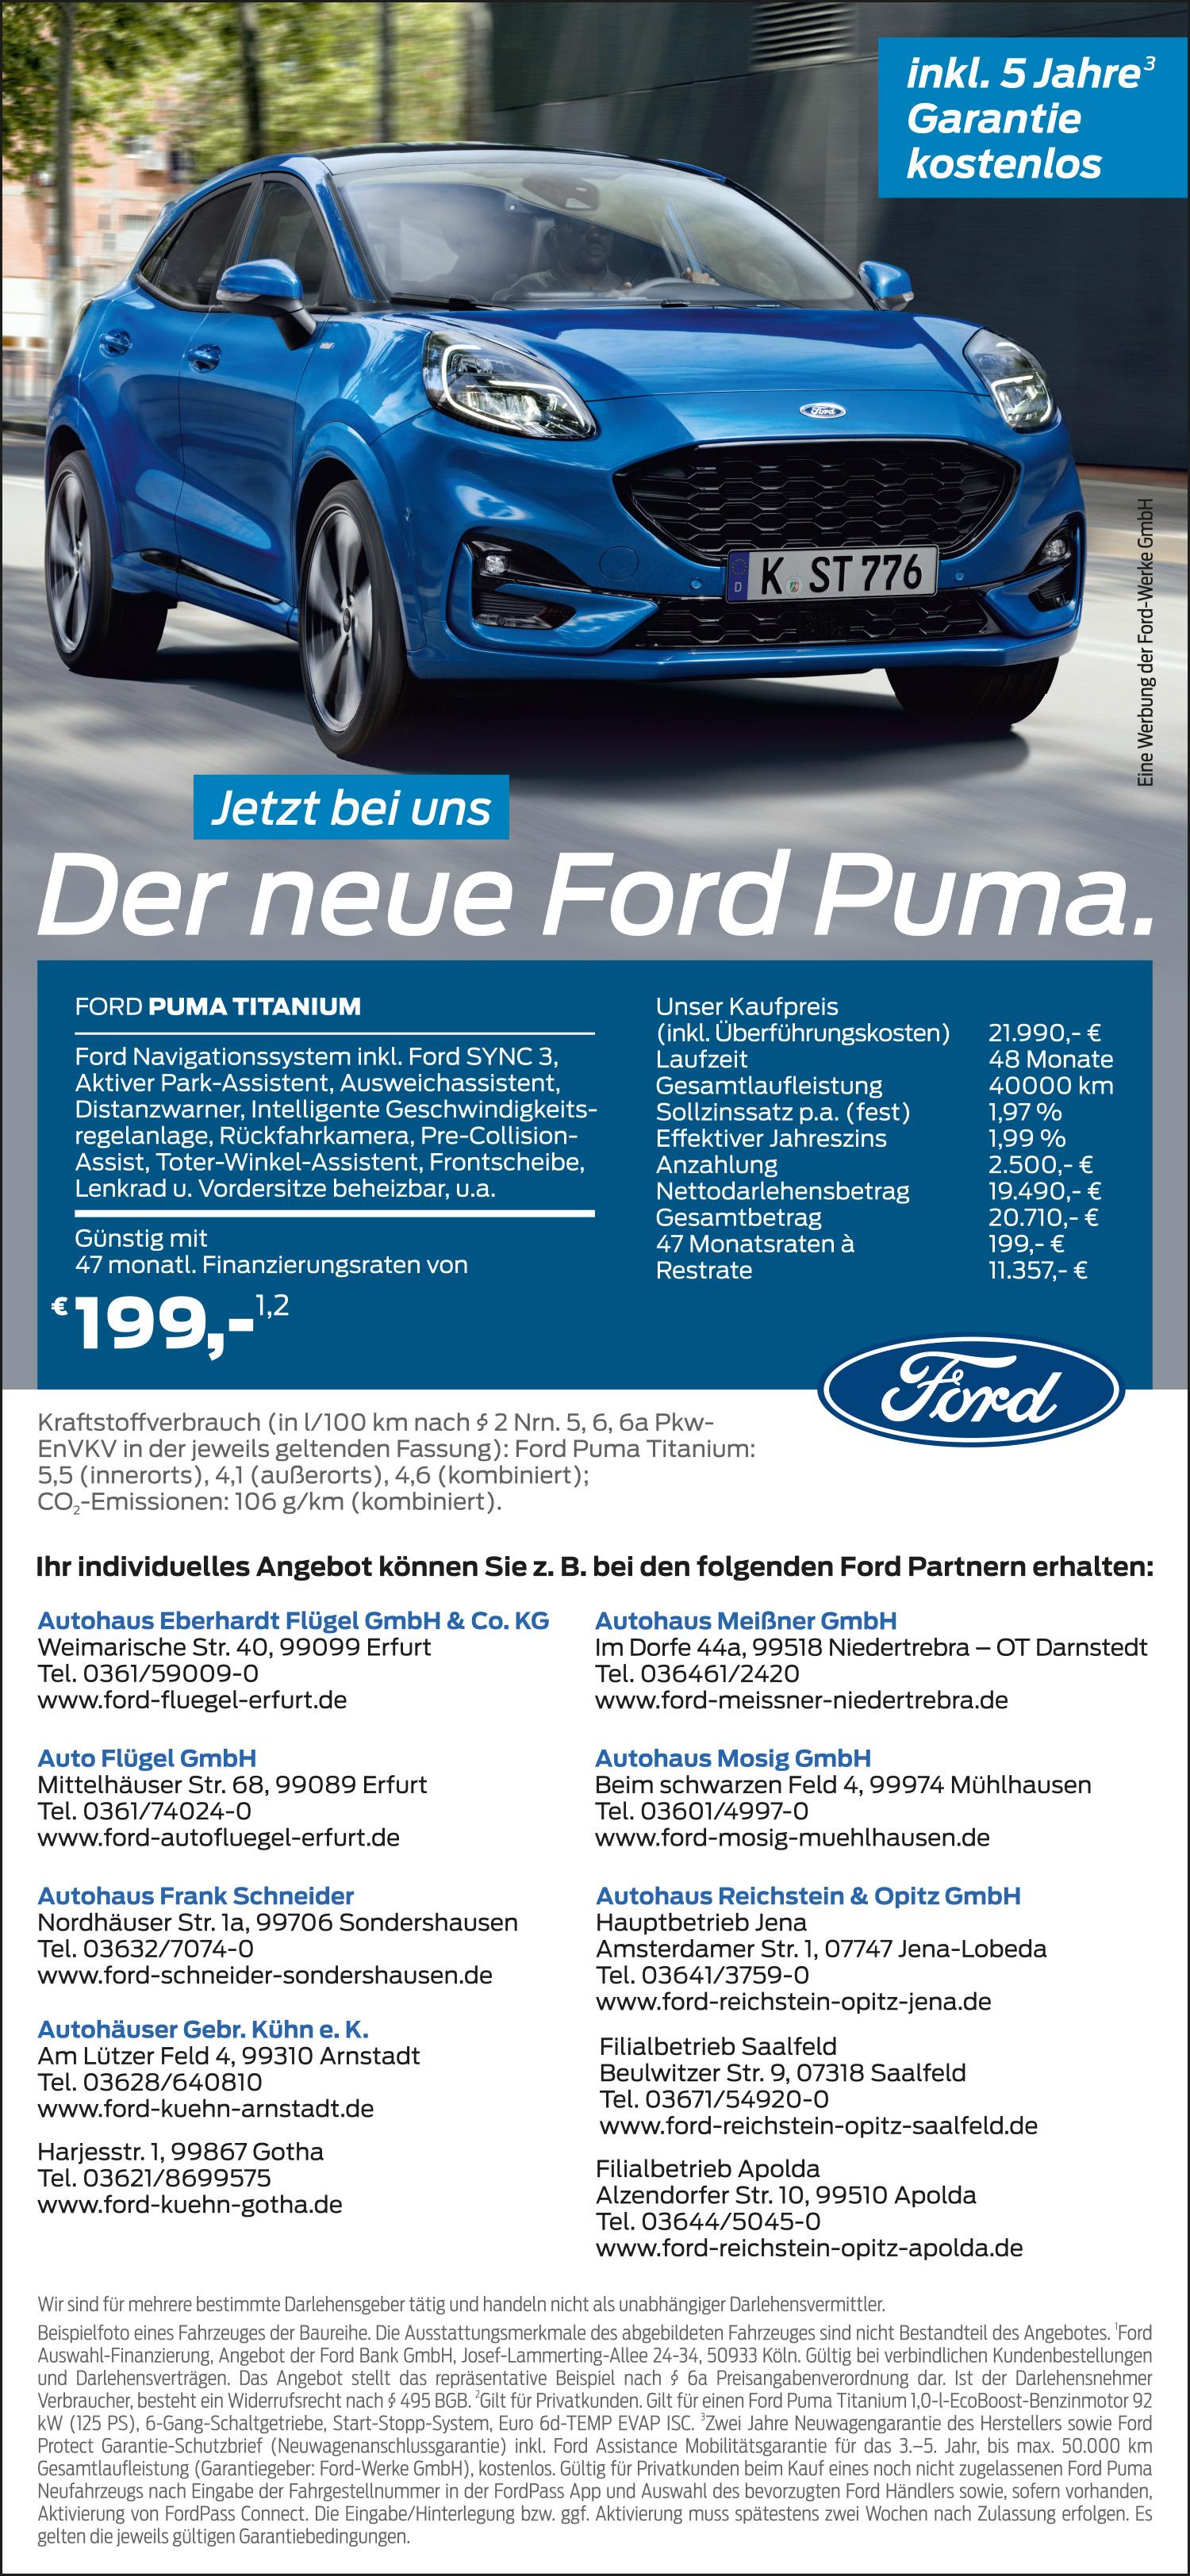 <br><b> Auto Flügel GmbH </b> <p></p> Mittelhäuser Str. 68  <p></p> 99089 Erfurt <p></p> Tel.: 0361/740240 <p></p><a href='https://auto-fluegel-erfurt.de'>auto-fluegel-erfurt.de</a> </p> <hr> <br><b> Autohaus Eberhardt Flügel GmbH & Co.KG </b> <p></p> Weimarische Str. 40 <p></p> 99099 Erfurt <p></p> Tel.: 0361/59009-0 <p></p><a href='https://ford-fluegel-erfurt.de'>ford-fluegel-erfurt.de</a> </p>  <hr> <br><b> Autohaus Frank Schneider </b> <p></p> Nordhäuser Str. 1a <p></p> 99089 Erfurt <p></p> Tel.: 0361/ 7074-0 <p></p><a href='https://ford-schneider-sonderhausen.de'>ford-schneider-sonderhausen.de</a> </p> <hr> <br><b> Autohäuser Gebr. Kühn e.K.</b> <p></p> Am Lützer Feld 4 <p></p> 99310 Arnstadt <p></p> Tel.: 03628/640810  <p></p><a href='https://ford-kuehn-arnstadt.de'>ford-kuehn-arnstadt.de</a> </p> <hr> <br><b> Autohäuser Gebr. Kühn e.K.</b> <p></p> Harjesstr. 1  <p></p> 99867 Gotha  <p></p> Tel.: 03621/8699575  <p></p><a href='https://ford-kuehn-gotha.de'>ford-kuehn-gotha.de</a> </p> <hr> <br><b> Autohaus Meißner GmbH </b> <p></p> Im Dorfe 44a  <p></p> 99518 Niedertrebra-OT Darnstedt  <p></p> Tel.: 036461/2420 <p></p><a href='https://ford-meissner-niedertrebra.de'>ford-meissner-niedertrebra.de</a> </p> <hr> <br><b> Autohaus Mosig GmbH</b> <p></p> Beim schwarzen Feld 4  <p></p> 99974 Mühlhausen   <p></p> Tel.: 03601/4997-0 <p></p><a href='https://ford-mosig-muehlhausen.de'>ford-mosig-muehlhausen.de</a> </p>  <hr> <br><b> Autohaus Reichstein & Opitz GmbH</b> <br><b> Hauptbetrieb</b> <p></p> Amsterdamer Str. 1  <p></p> 07747 Jena-Lobeda  <p></p> Tel.: 03641/3759-0  <p></p><a href='https://ford-reichstein-opitz-jena.de'> ford-reichstein-opitz-jena.de</a> </p> <br> <br><b> Filialbetrieb</b> <p></p> Beulwitzer Str. 9  <p></p> 07318 Saalfeld  <p></p> Tel.: 03671/ 54920-0 <p></p><a href='https://ford-reichstein-opitz-saalfeld.de'> ford-reichstein-opitz-saalfeld.de</a> </p> <br> <br><b> Filialbetrieb</b> <p></p> Alzendorfer Str. 10 <p></p> 99510 Apolda  <p></p> Tel.: 0